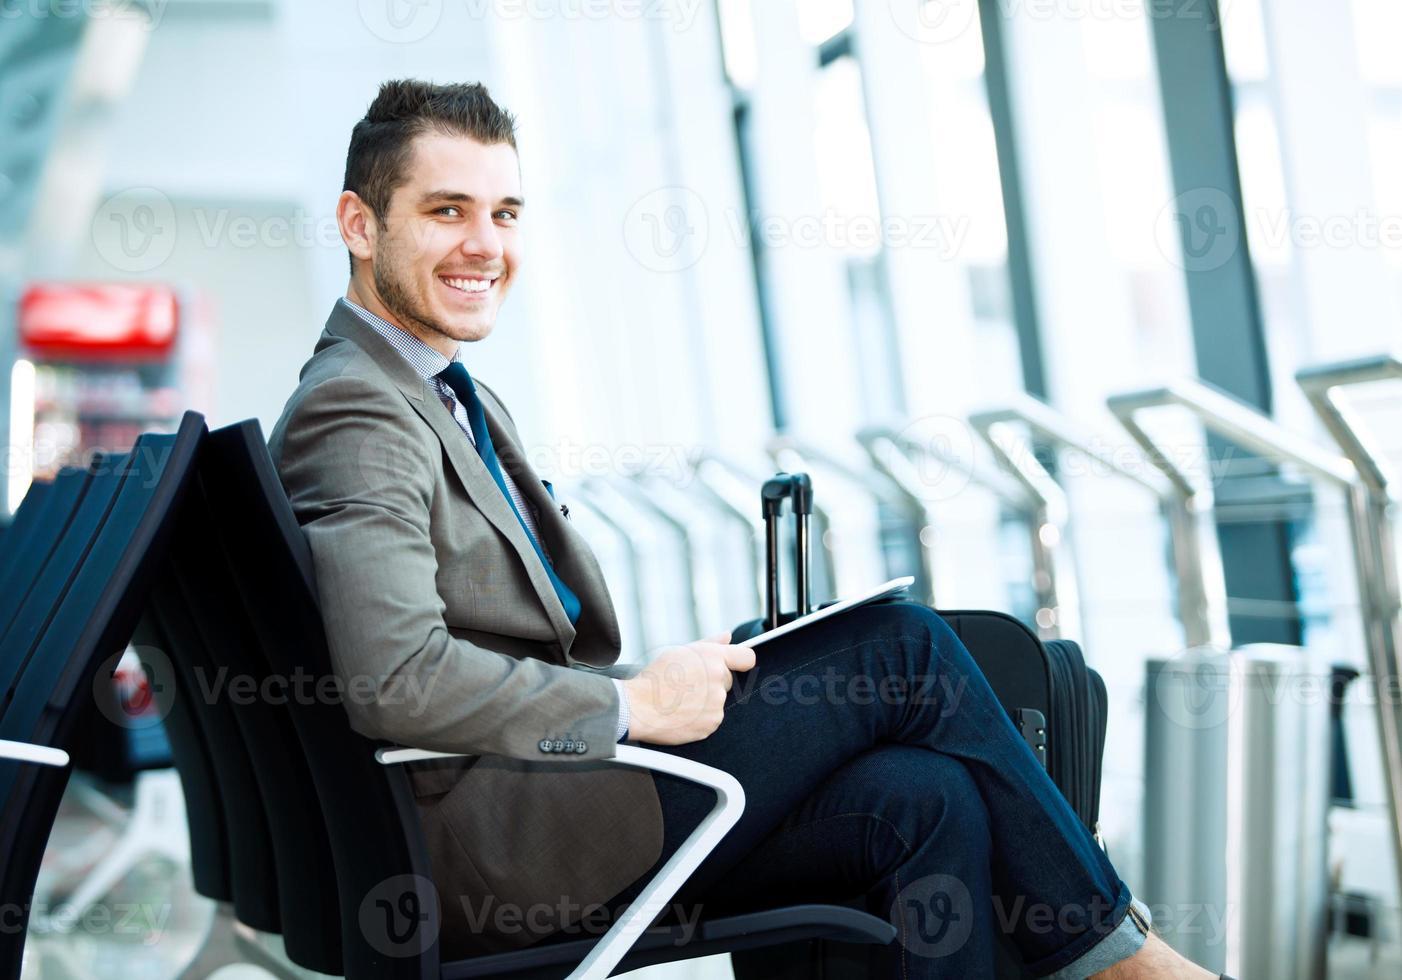 homme d'affaires moderne à l'aide de la tablette tactile à l'aéroport photo